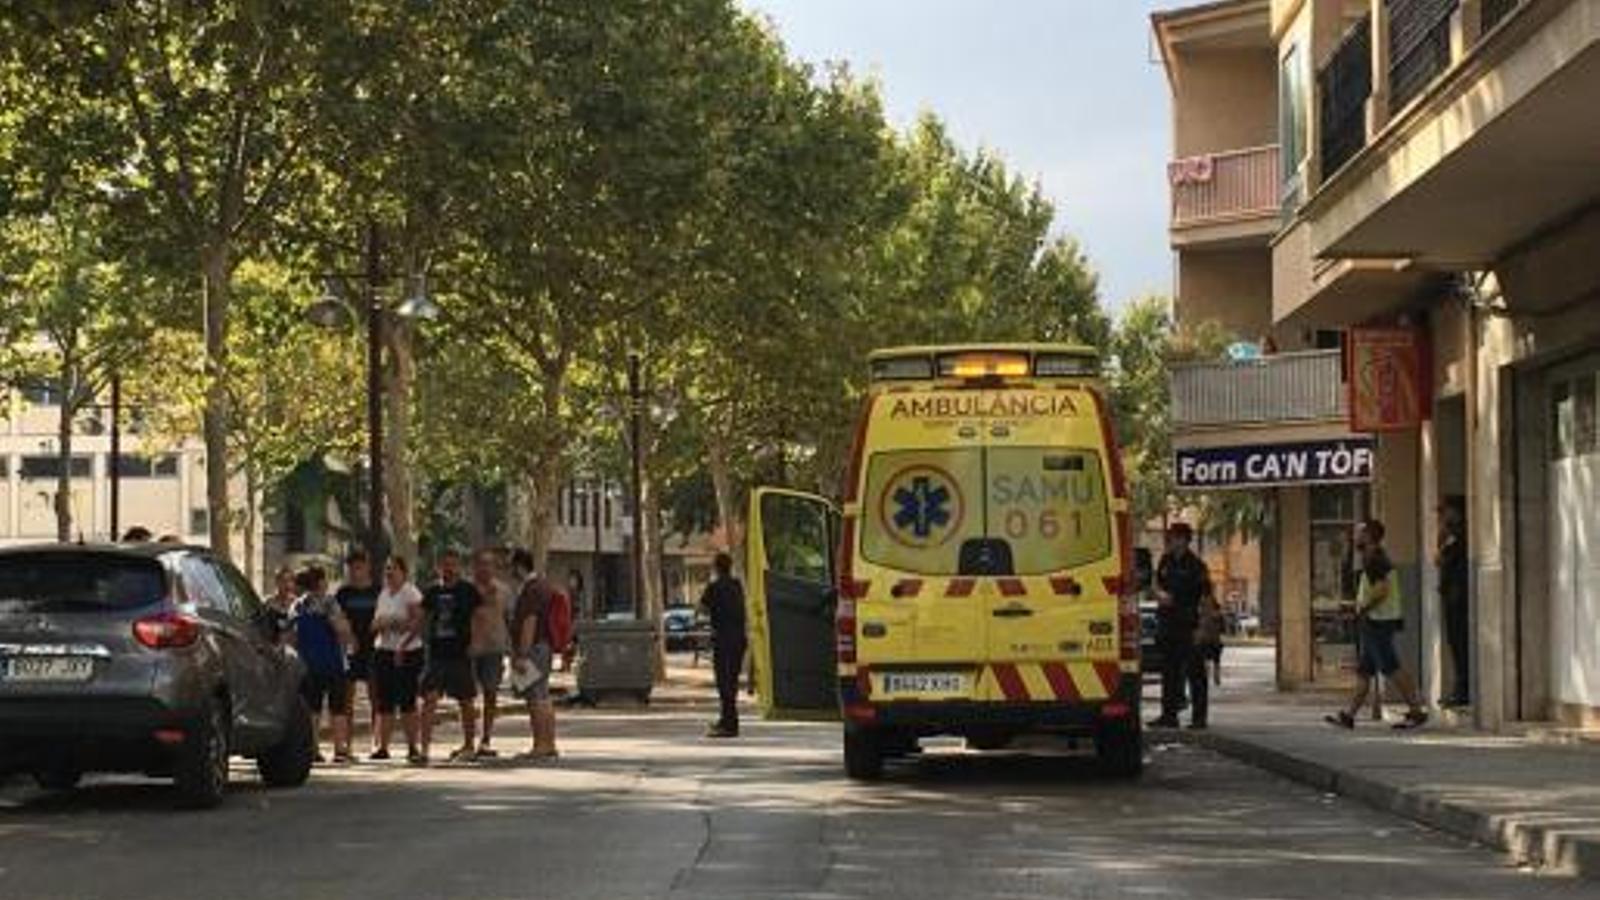 Policia i ambulàncies al lloc on es trobava el cotxe amb el bebè a l'interior. / GUILLEM MAS